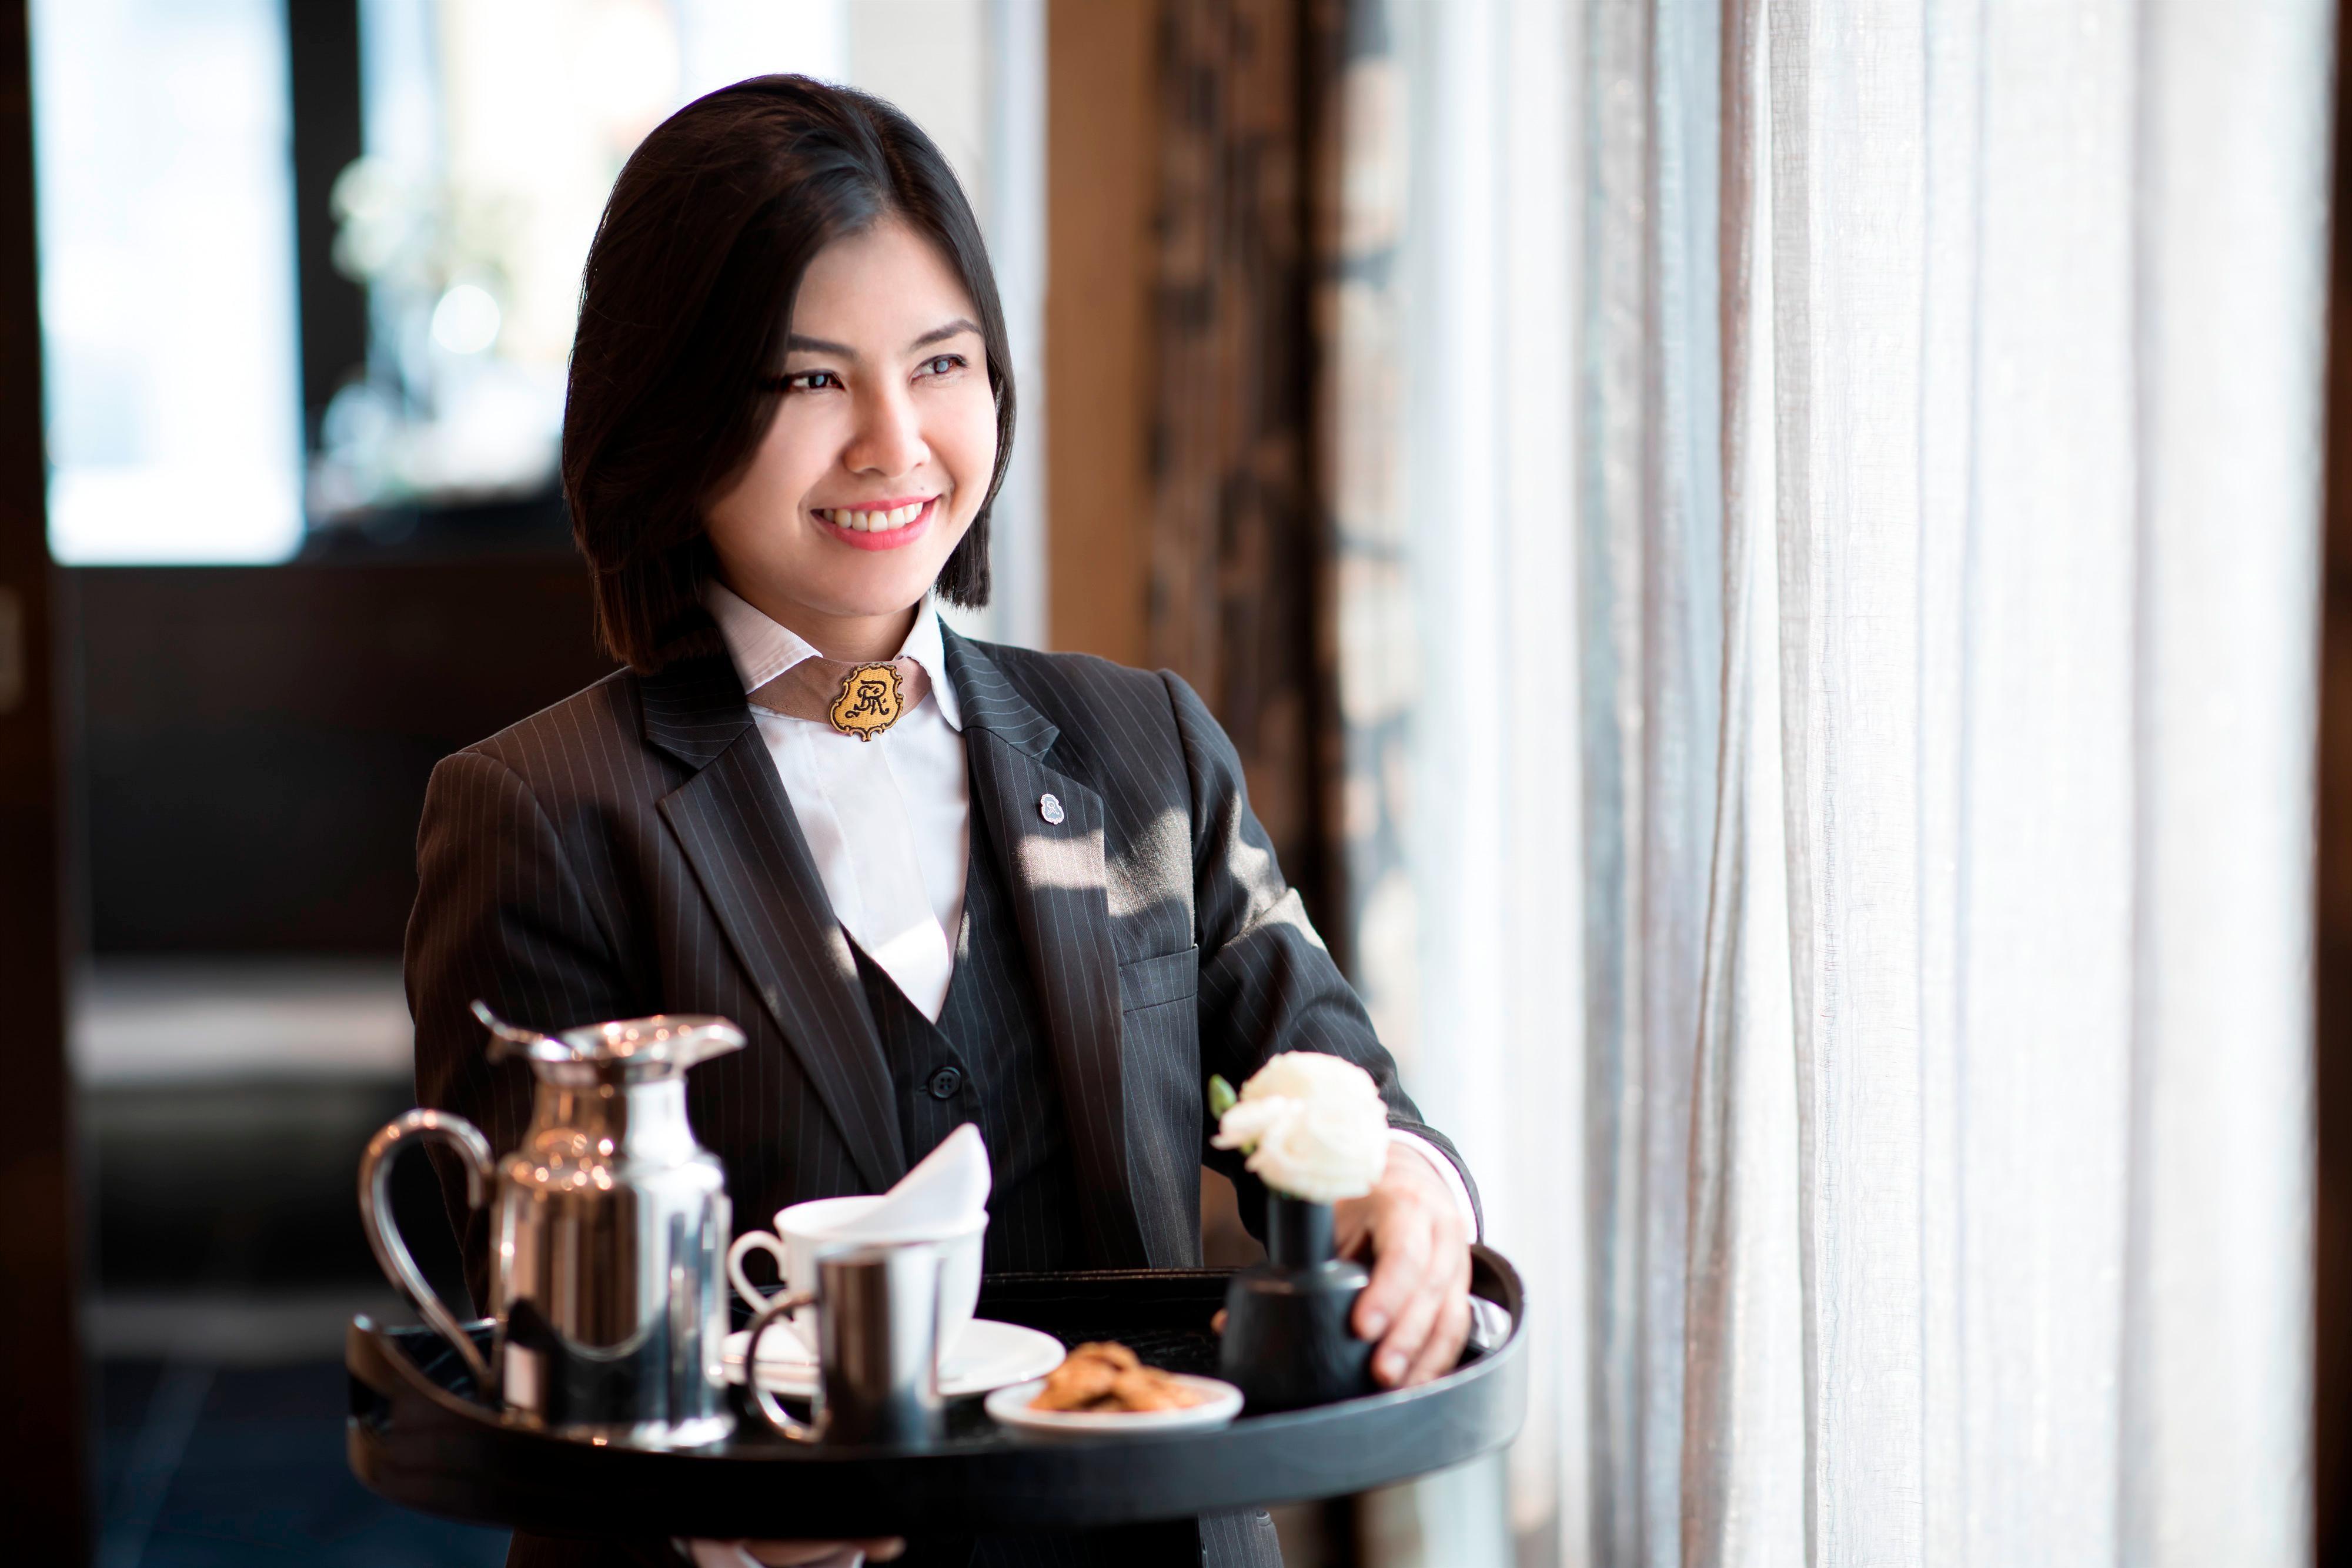 Butler Service Tea